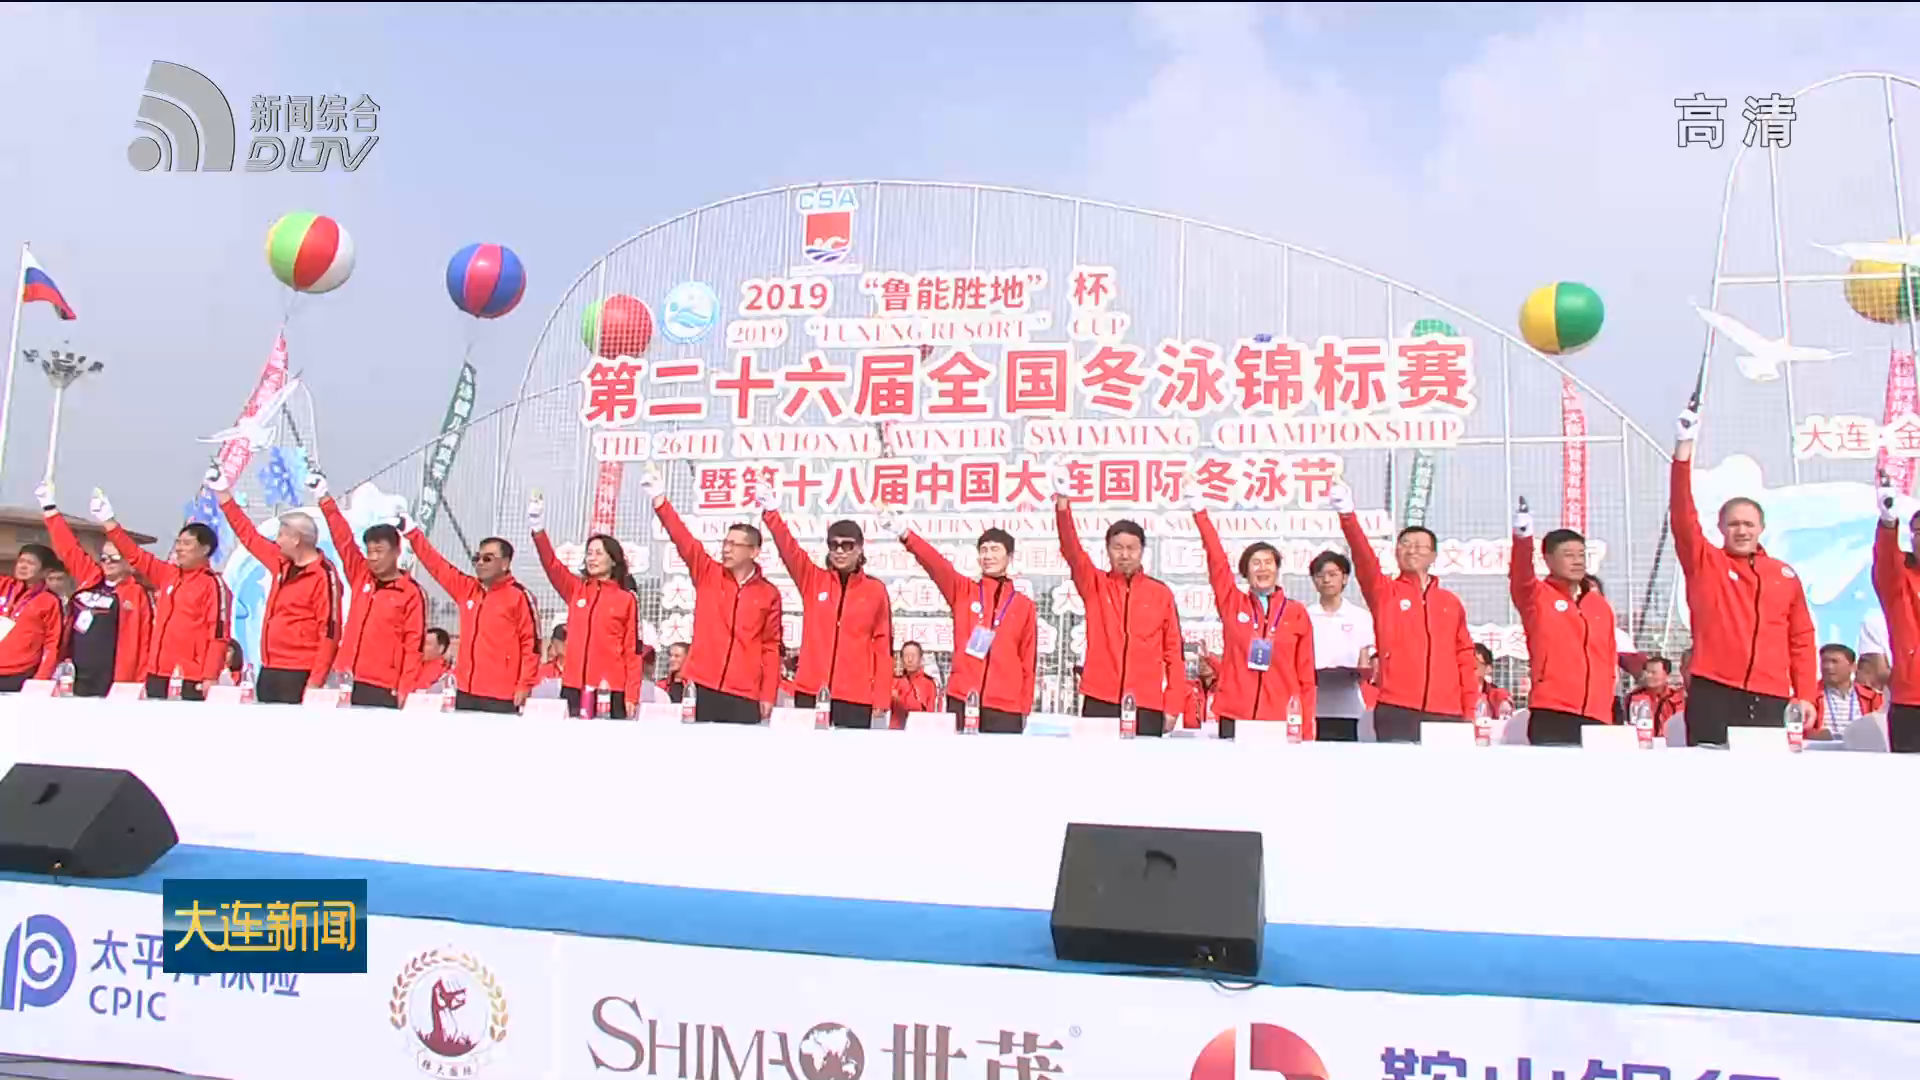 第18屆中國大連國際冬泳節開幕